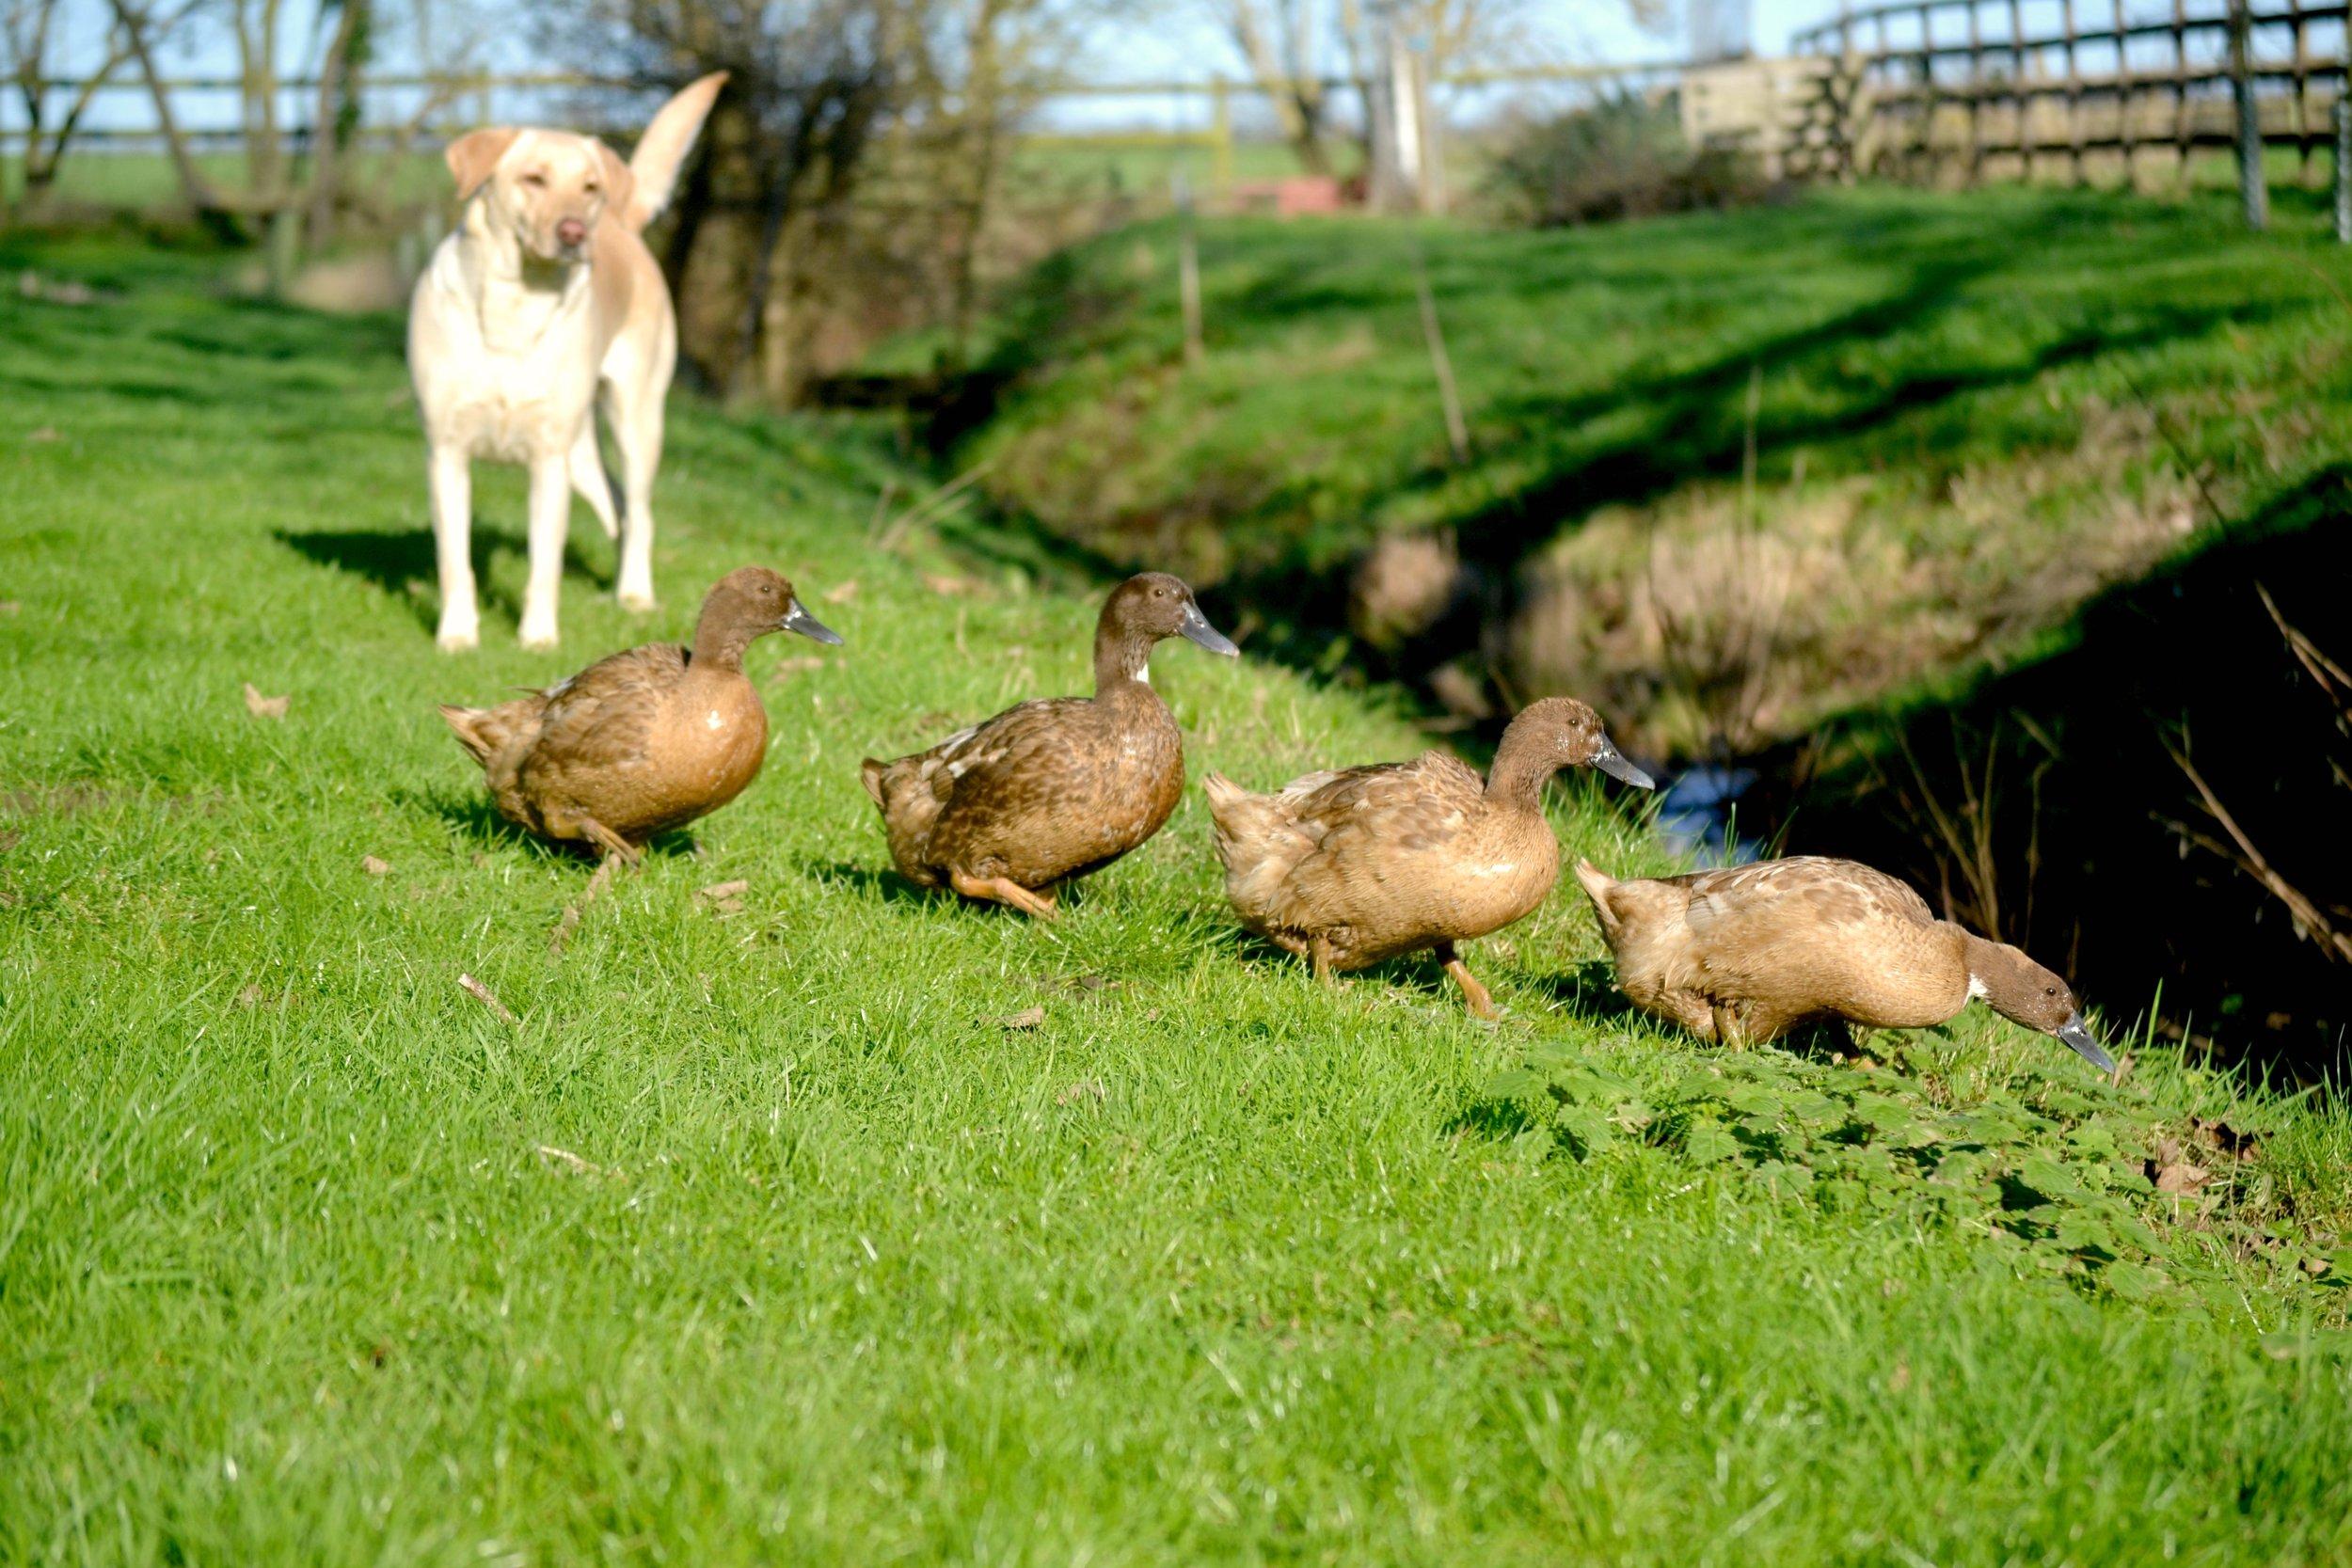 ducks-in-a-row.jpg